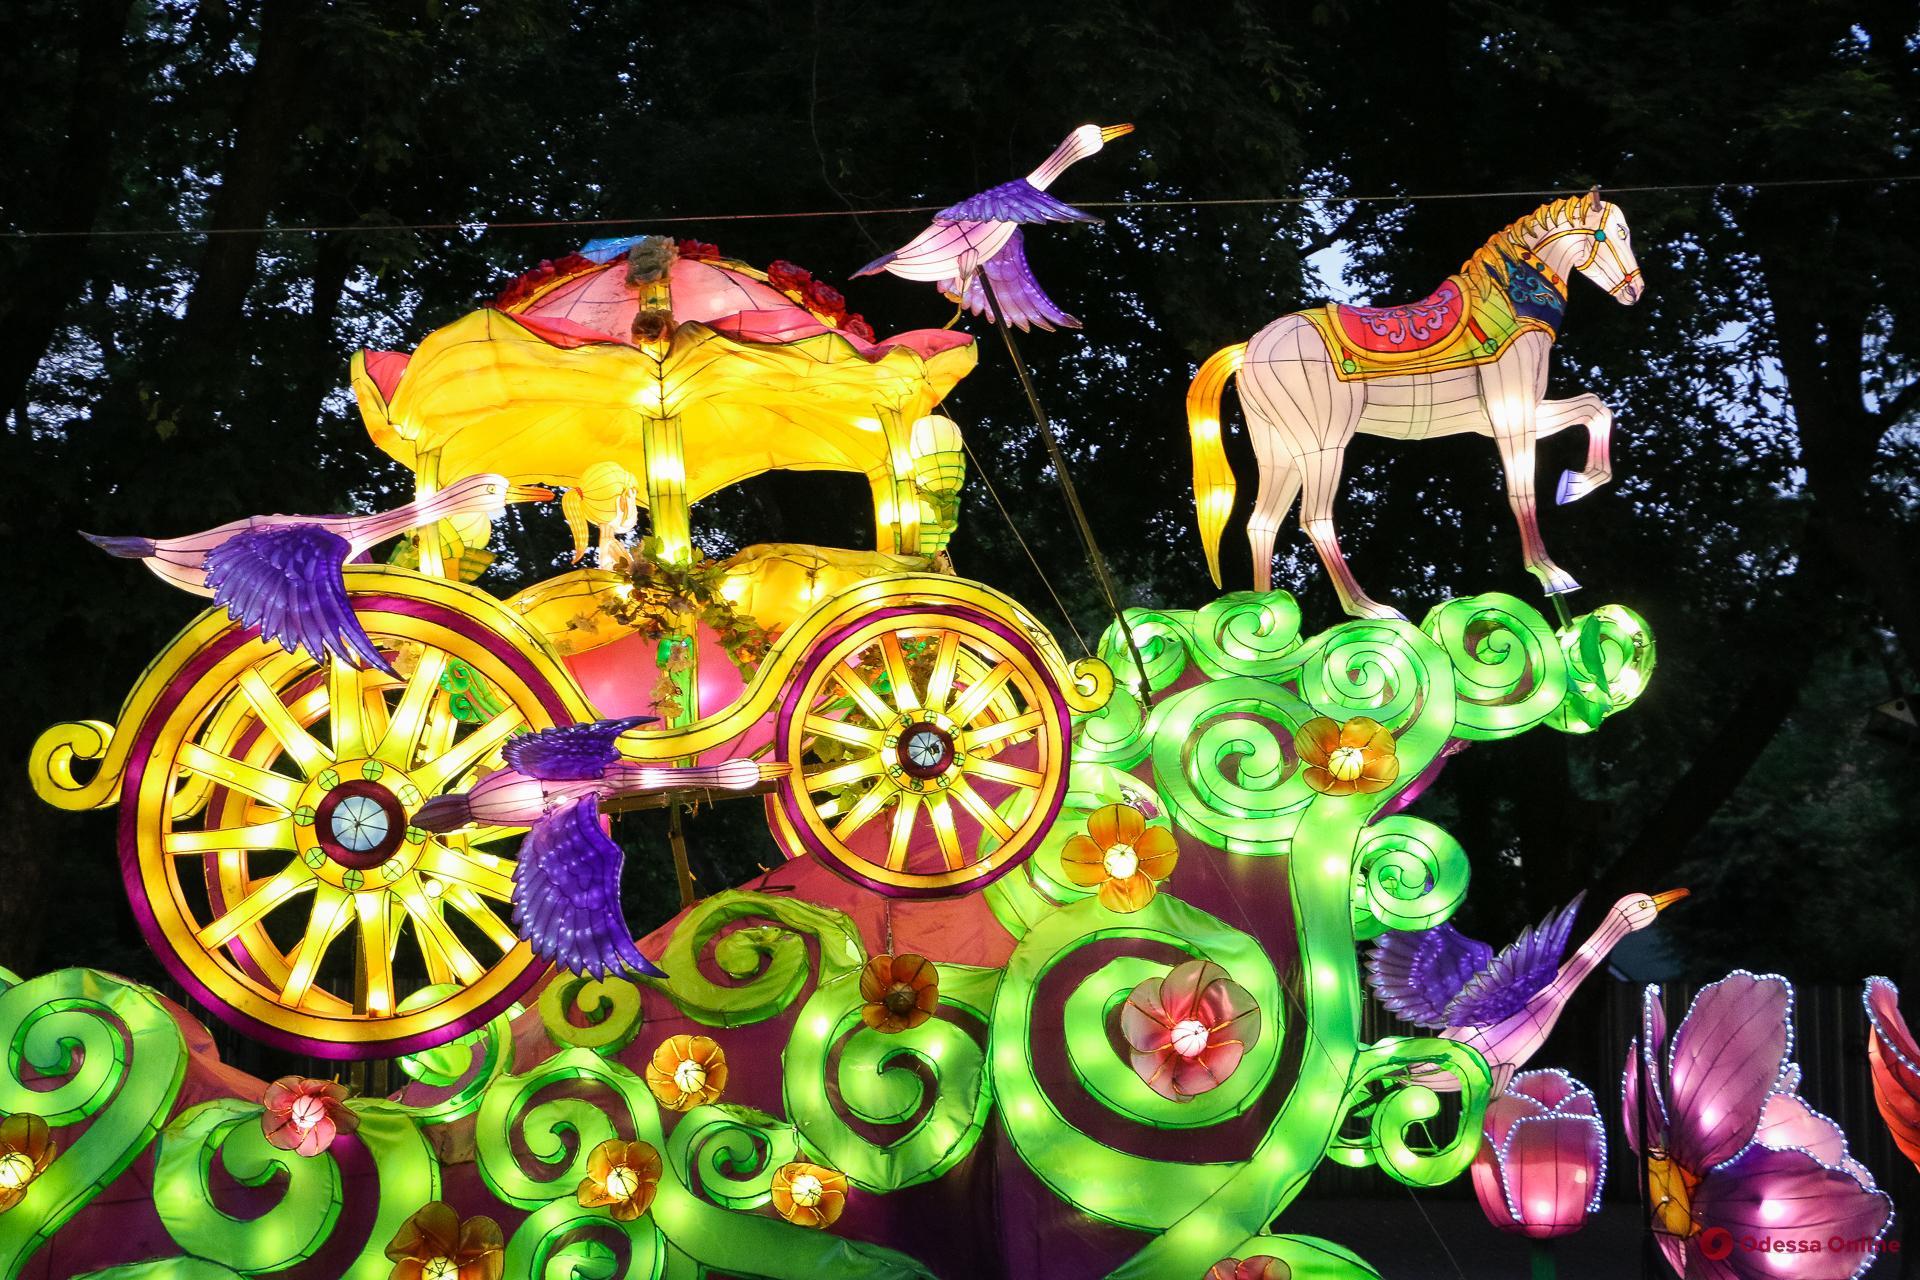 Самураи, сакура и дракон: одесситам показали гигантские китайские фонари (фоторепортаж)